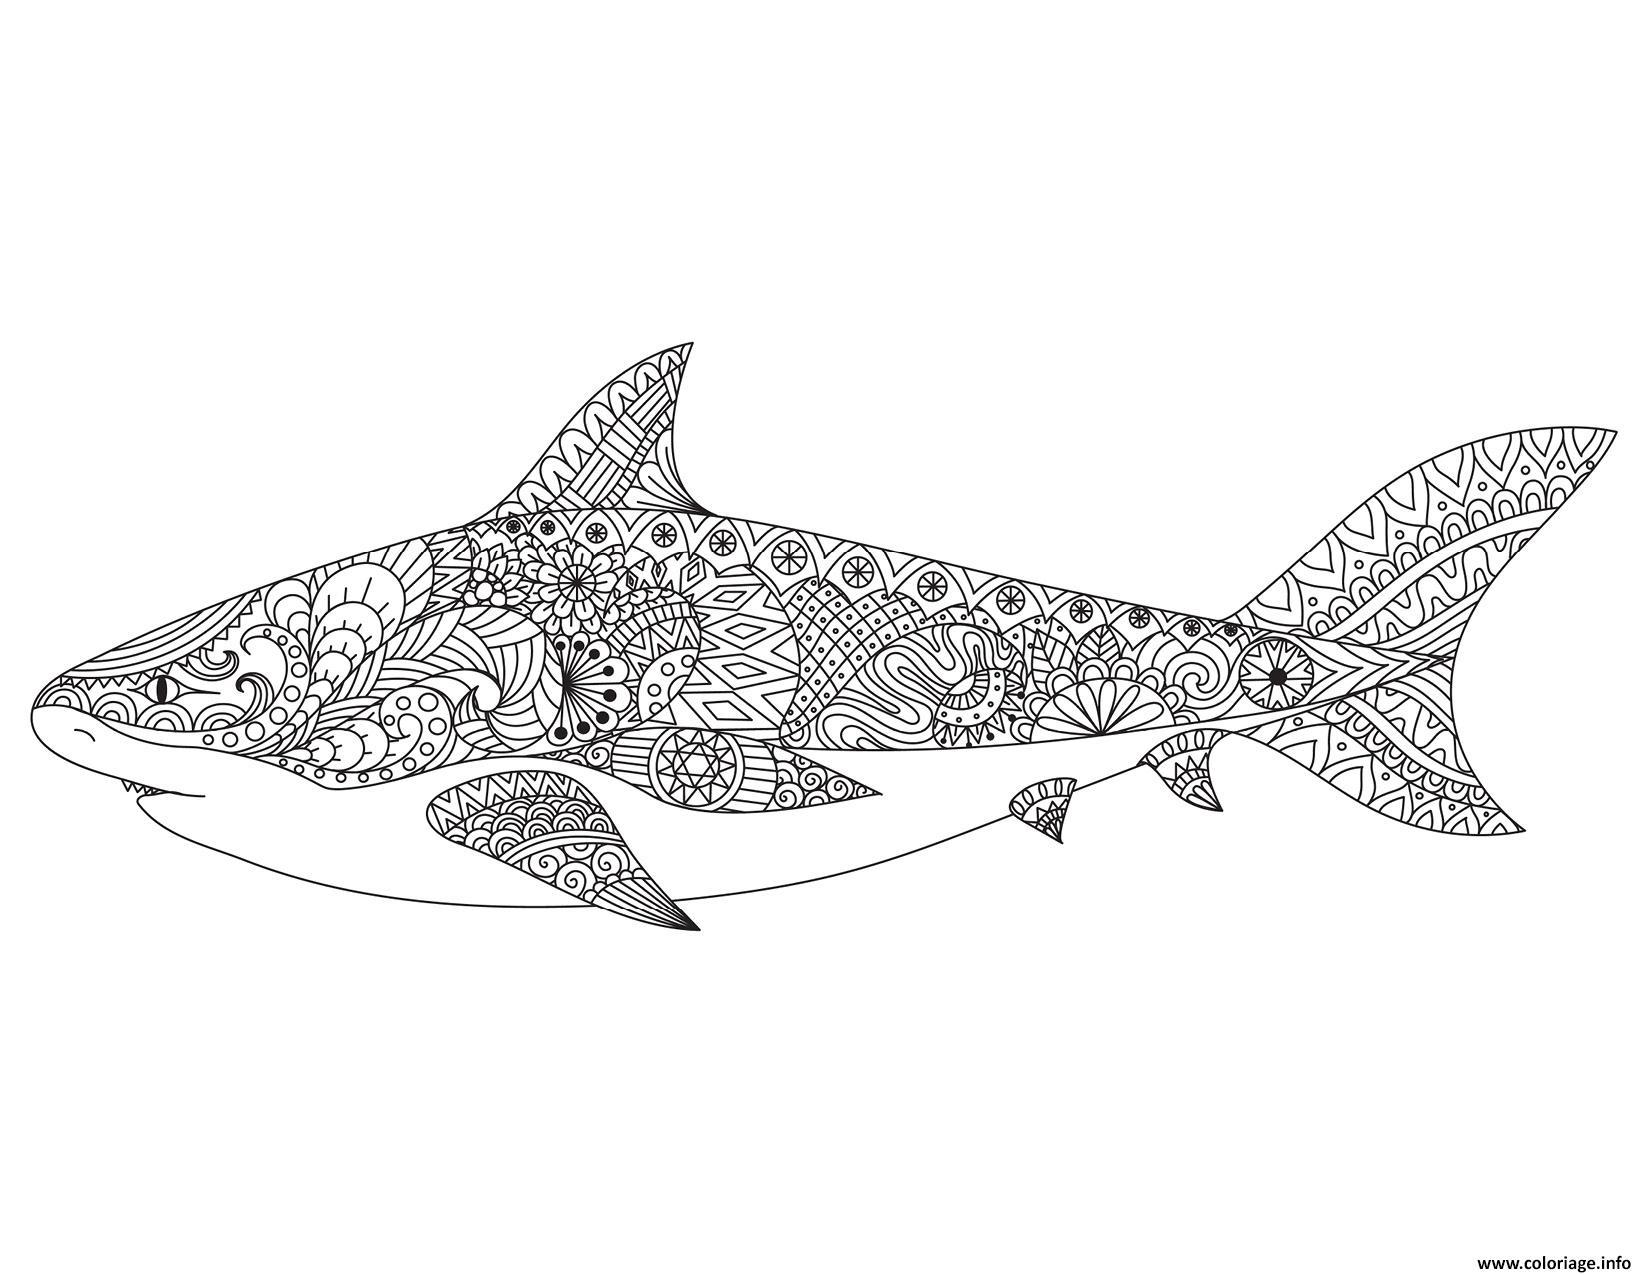 Dessin requin mandala adulte Coloriage Gratuit à Imprimer